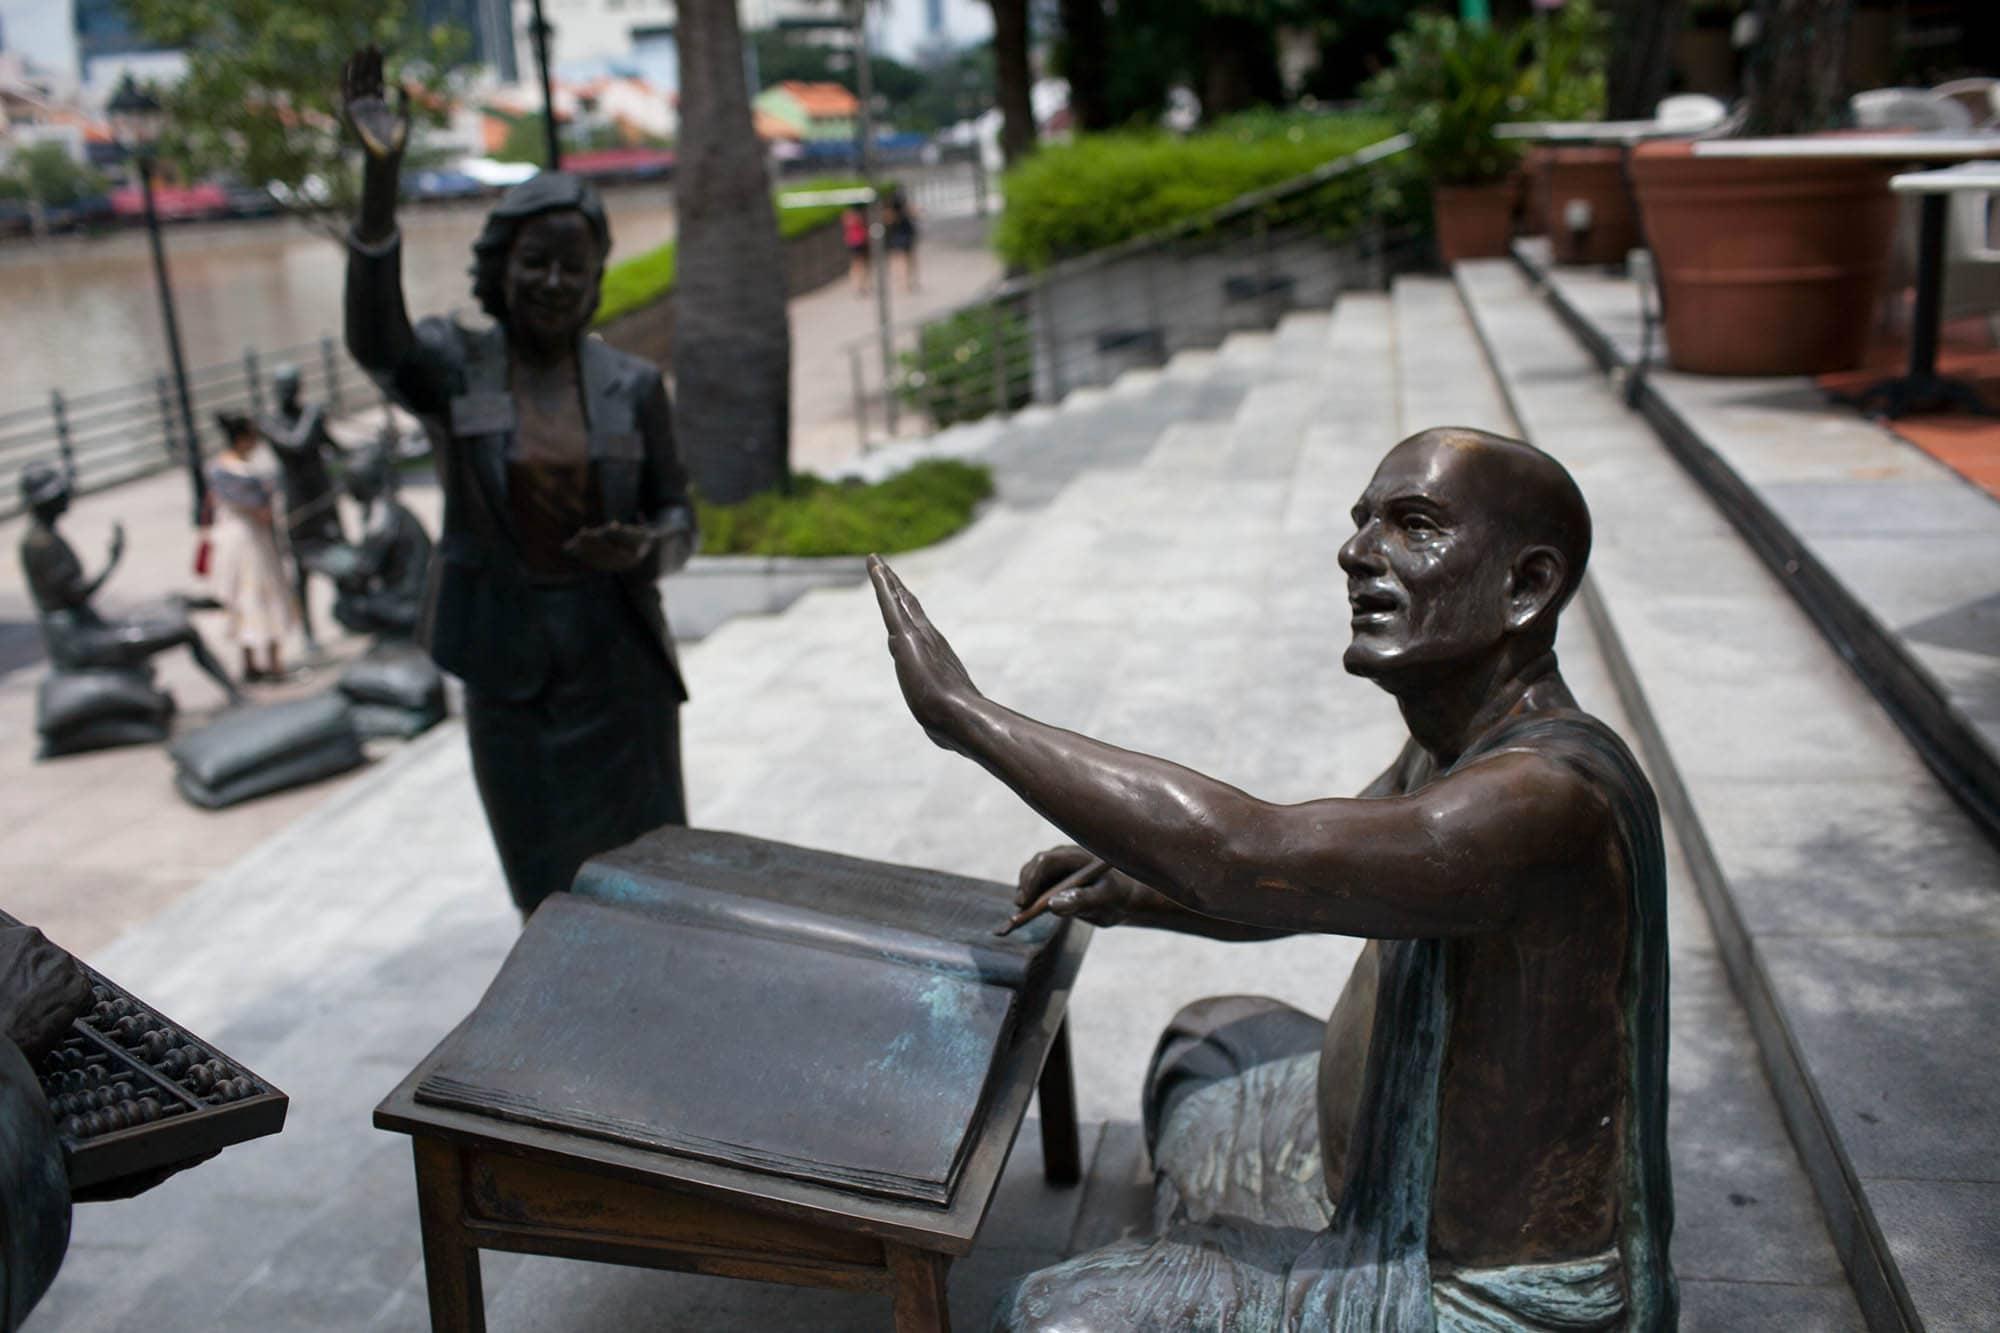 Sculptures in Singapore